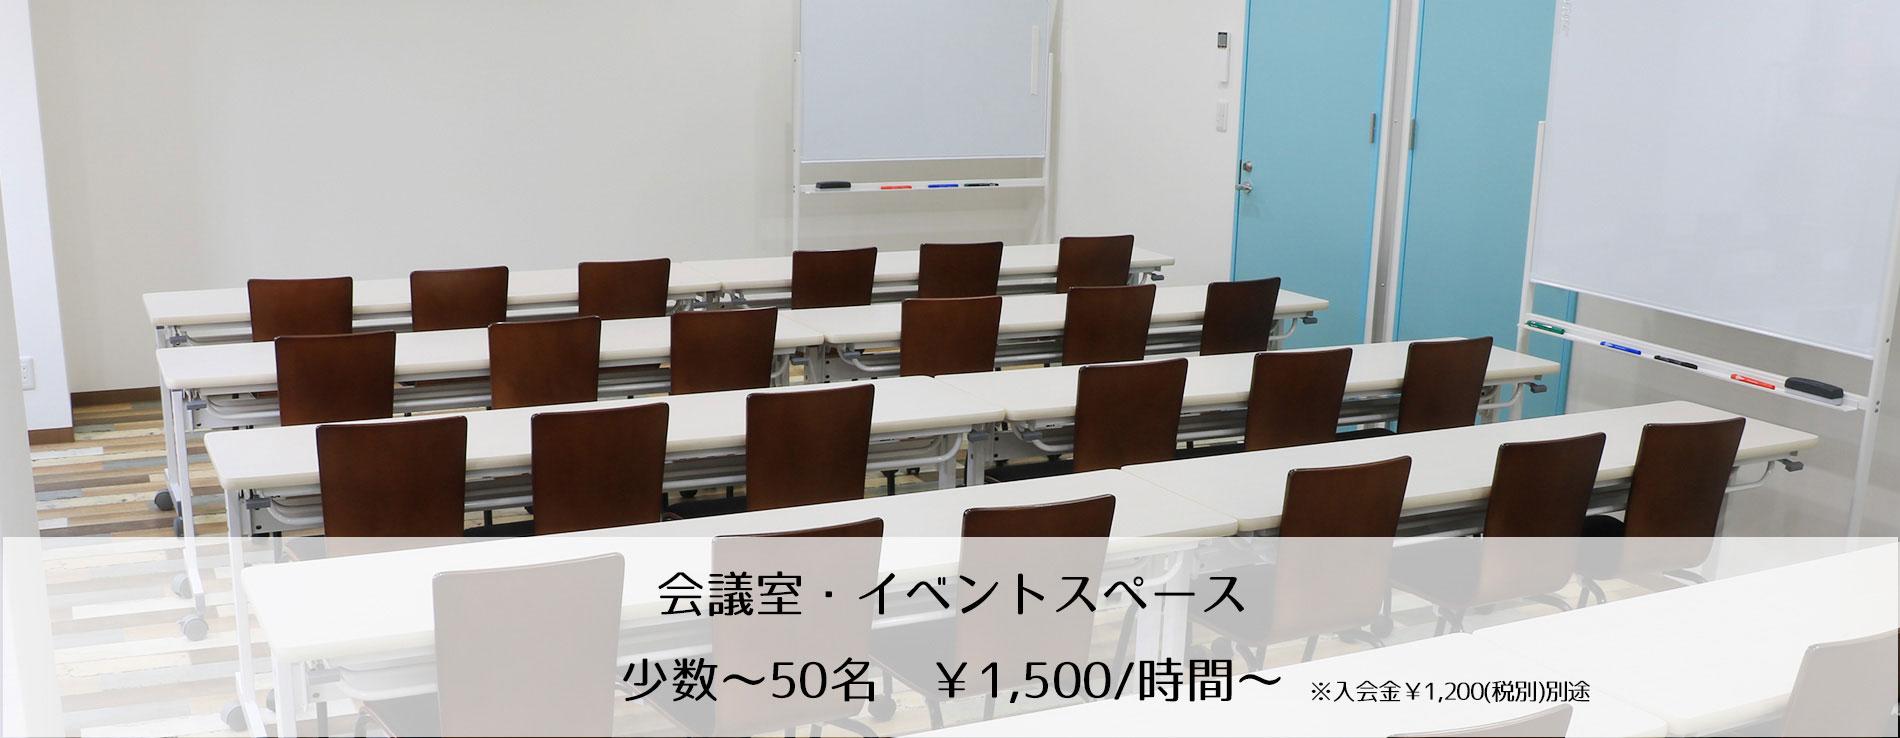 会議室・イベントスペース 少数~50名 ¥1,500/時間~